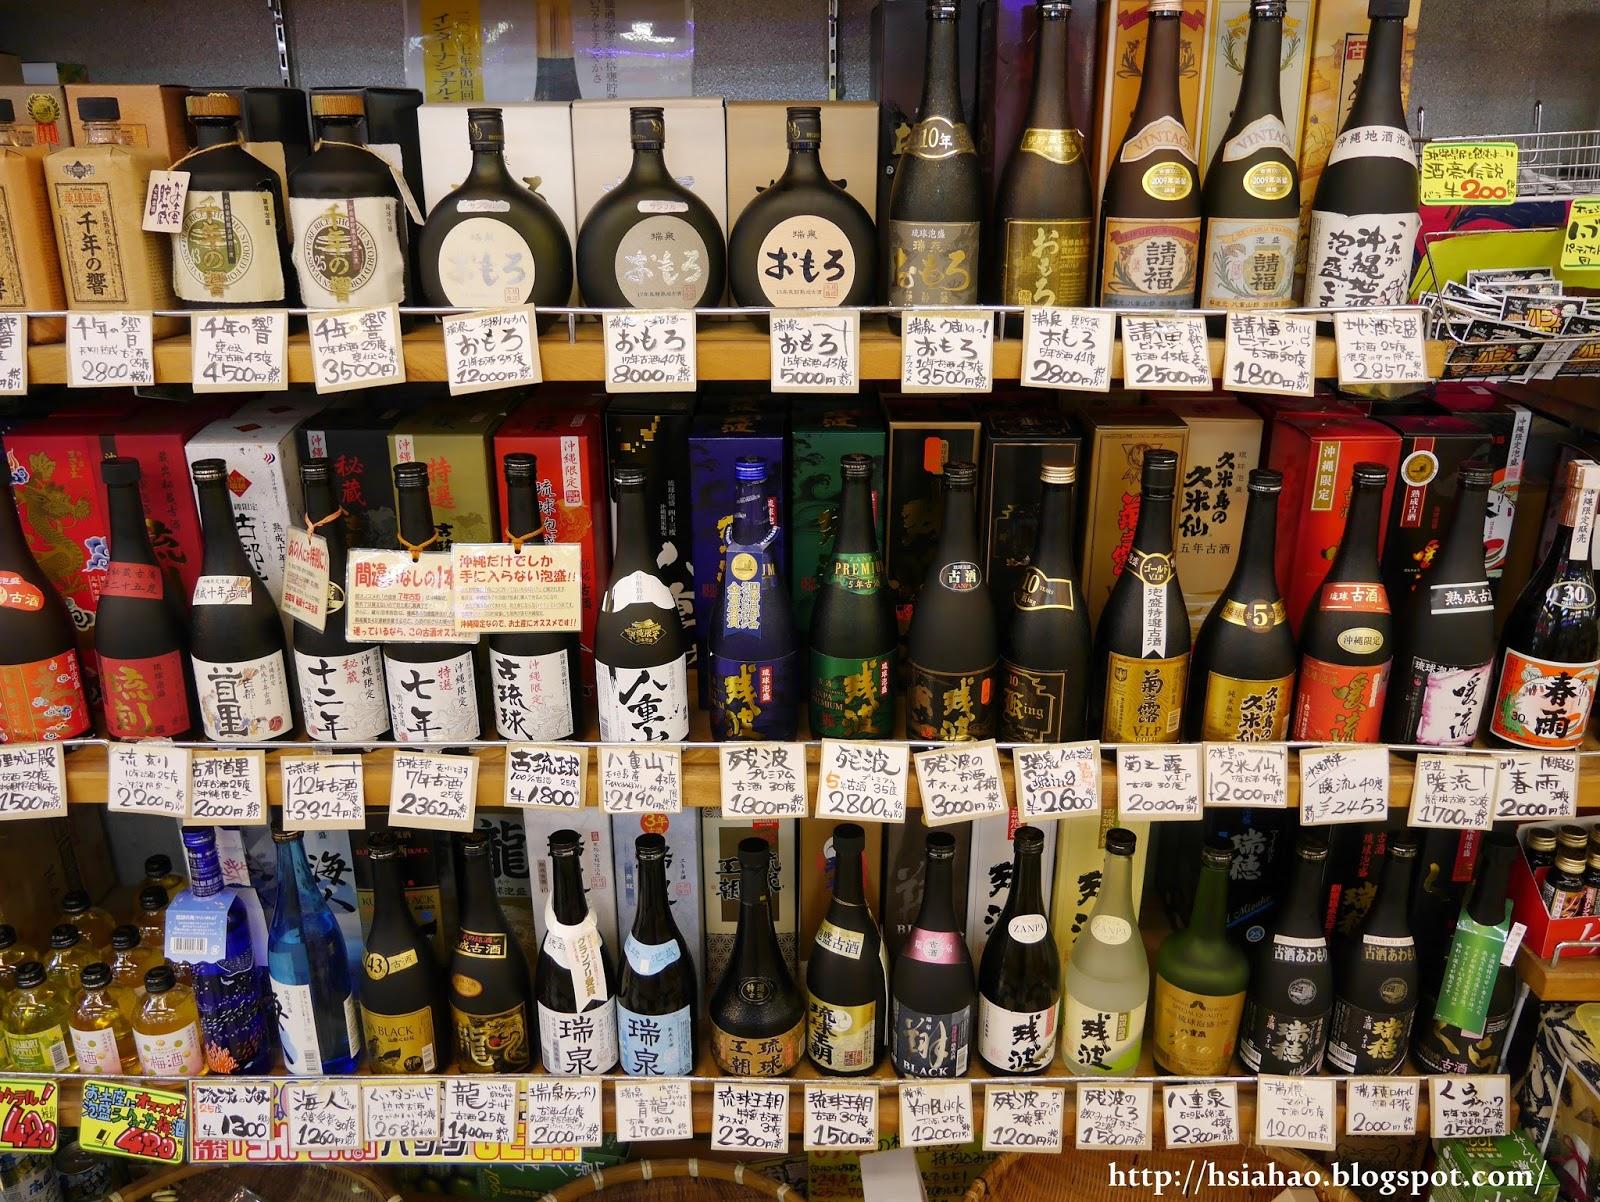 沖繩-泡盛-國際通-名產-必買-購物-逛街-Okinawa-kokusaidori